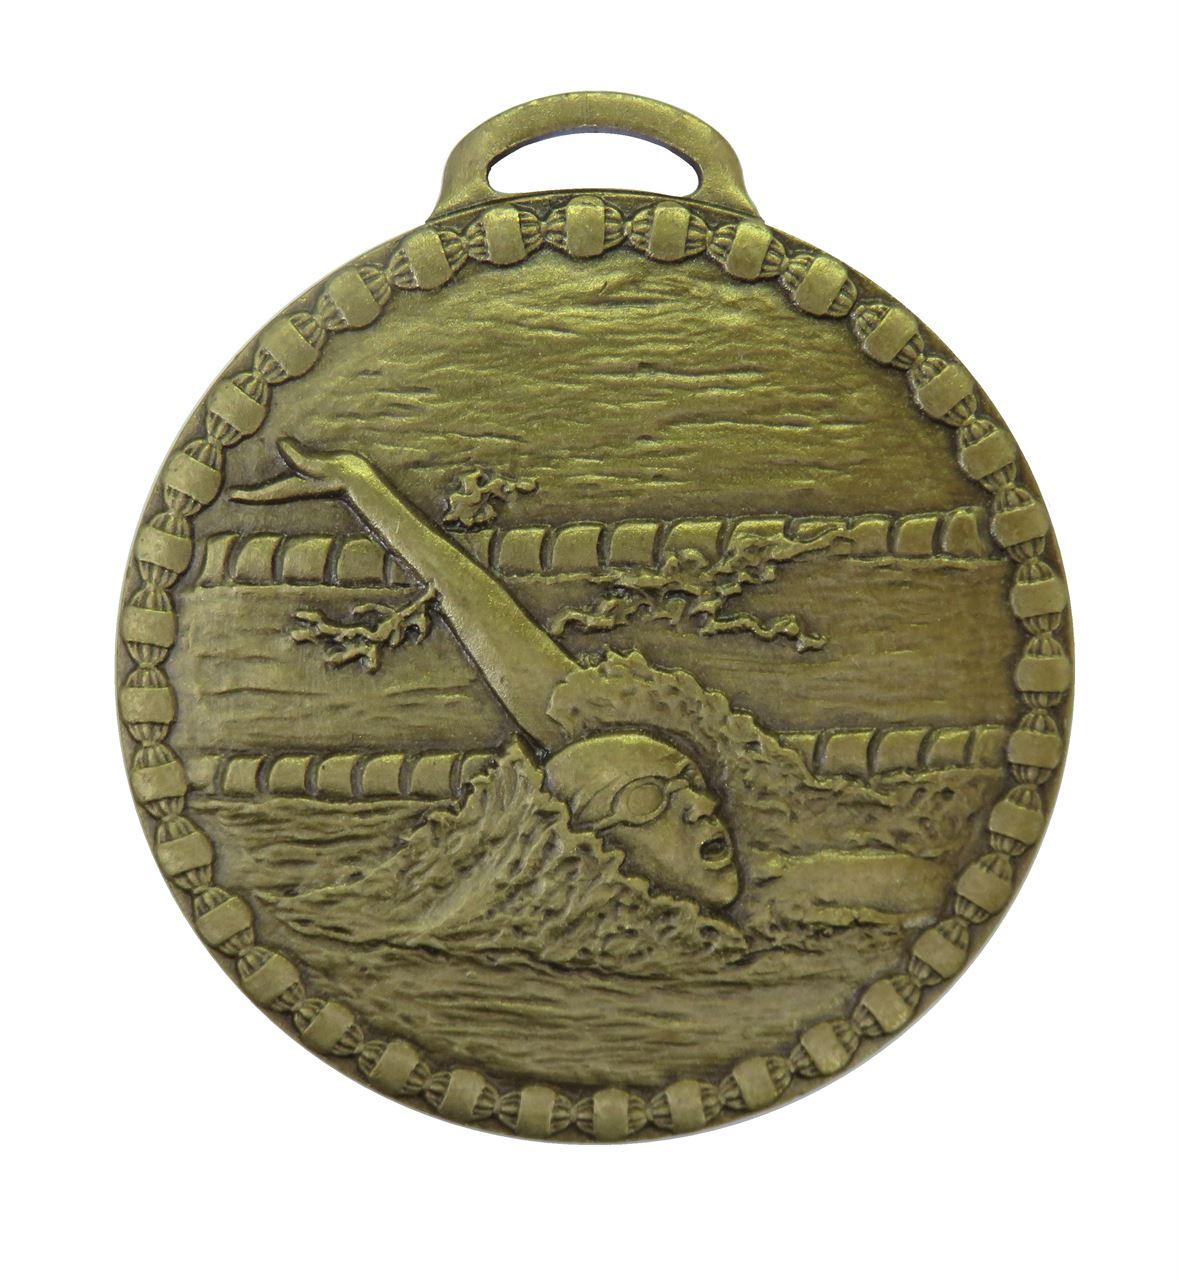 Bronze Female Back Stroke Value Swimming Medal (size: 50mm) - 675E